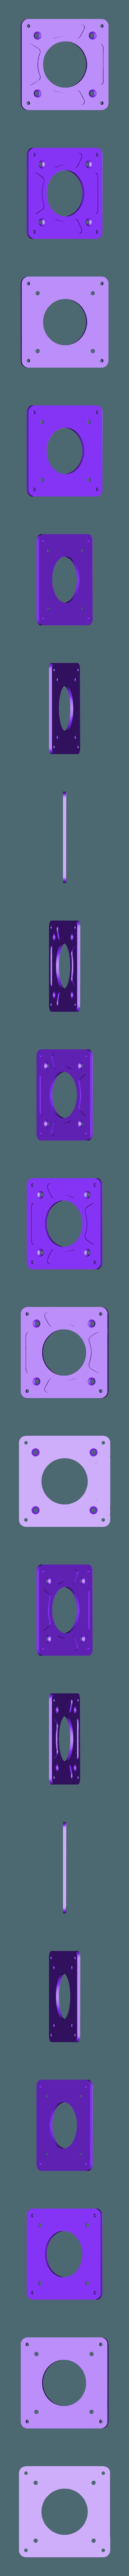 75mm_to_100mm_Vesa_Adapter_Plate_v1-1.STL Télécharger fichier STL gratuit Adaptateur de plaque de moniteur Vesa 75mm à 100mm • Plan à imprimer en 3D, WalterHsiao